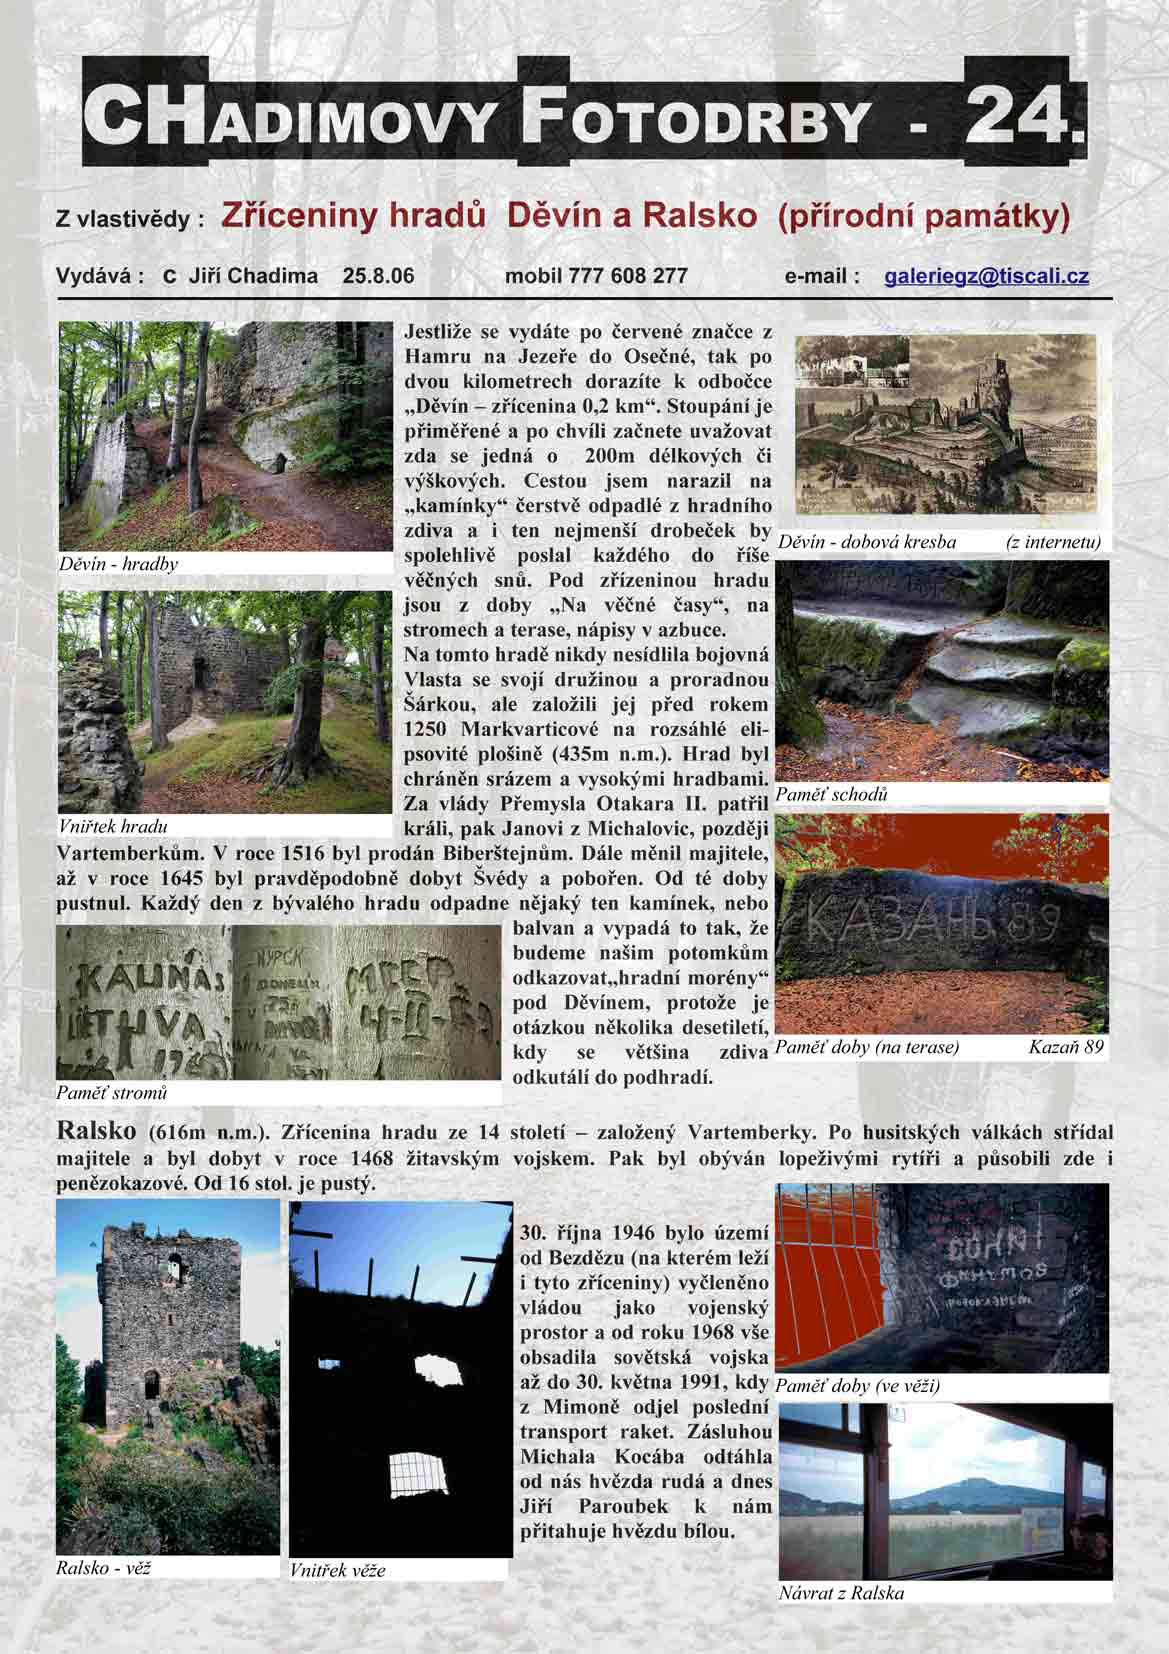 Fotorevue 24 – Zříceniny hradů Děvín a Ralsko